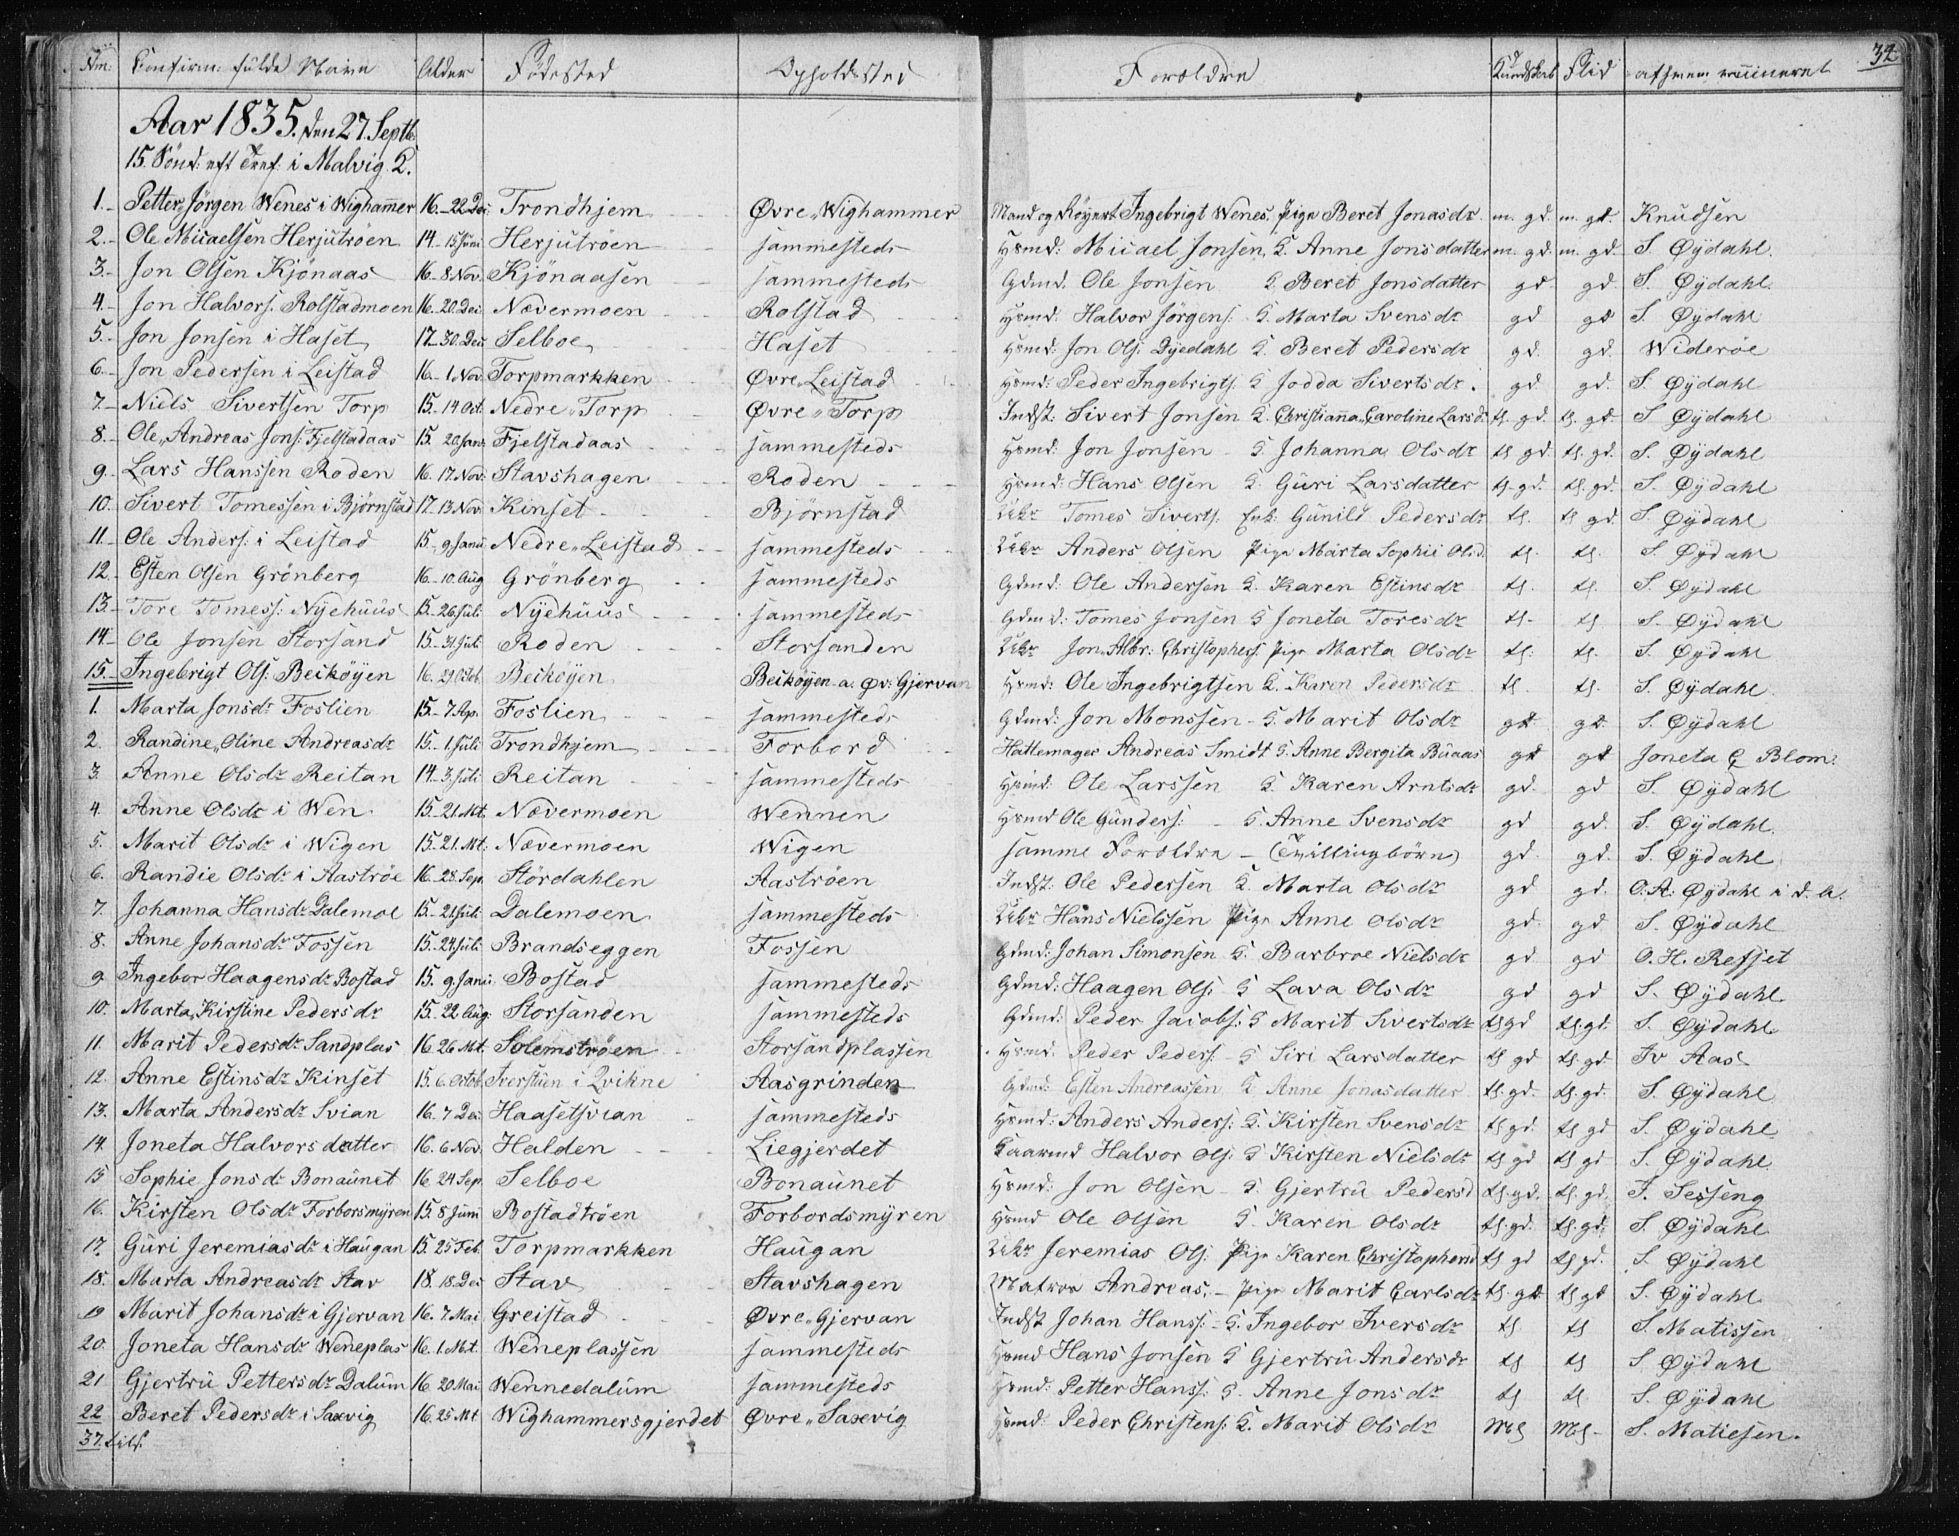 SAT, Ministerialprotokoller, klokkerbøker og fødselsregistre - Sør-Trøndelag, 616/L0405: Ministerialbok nr. 616A02, 1831-1842, s. 32